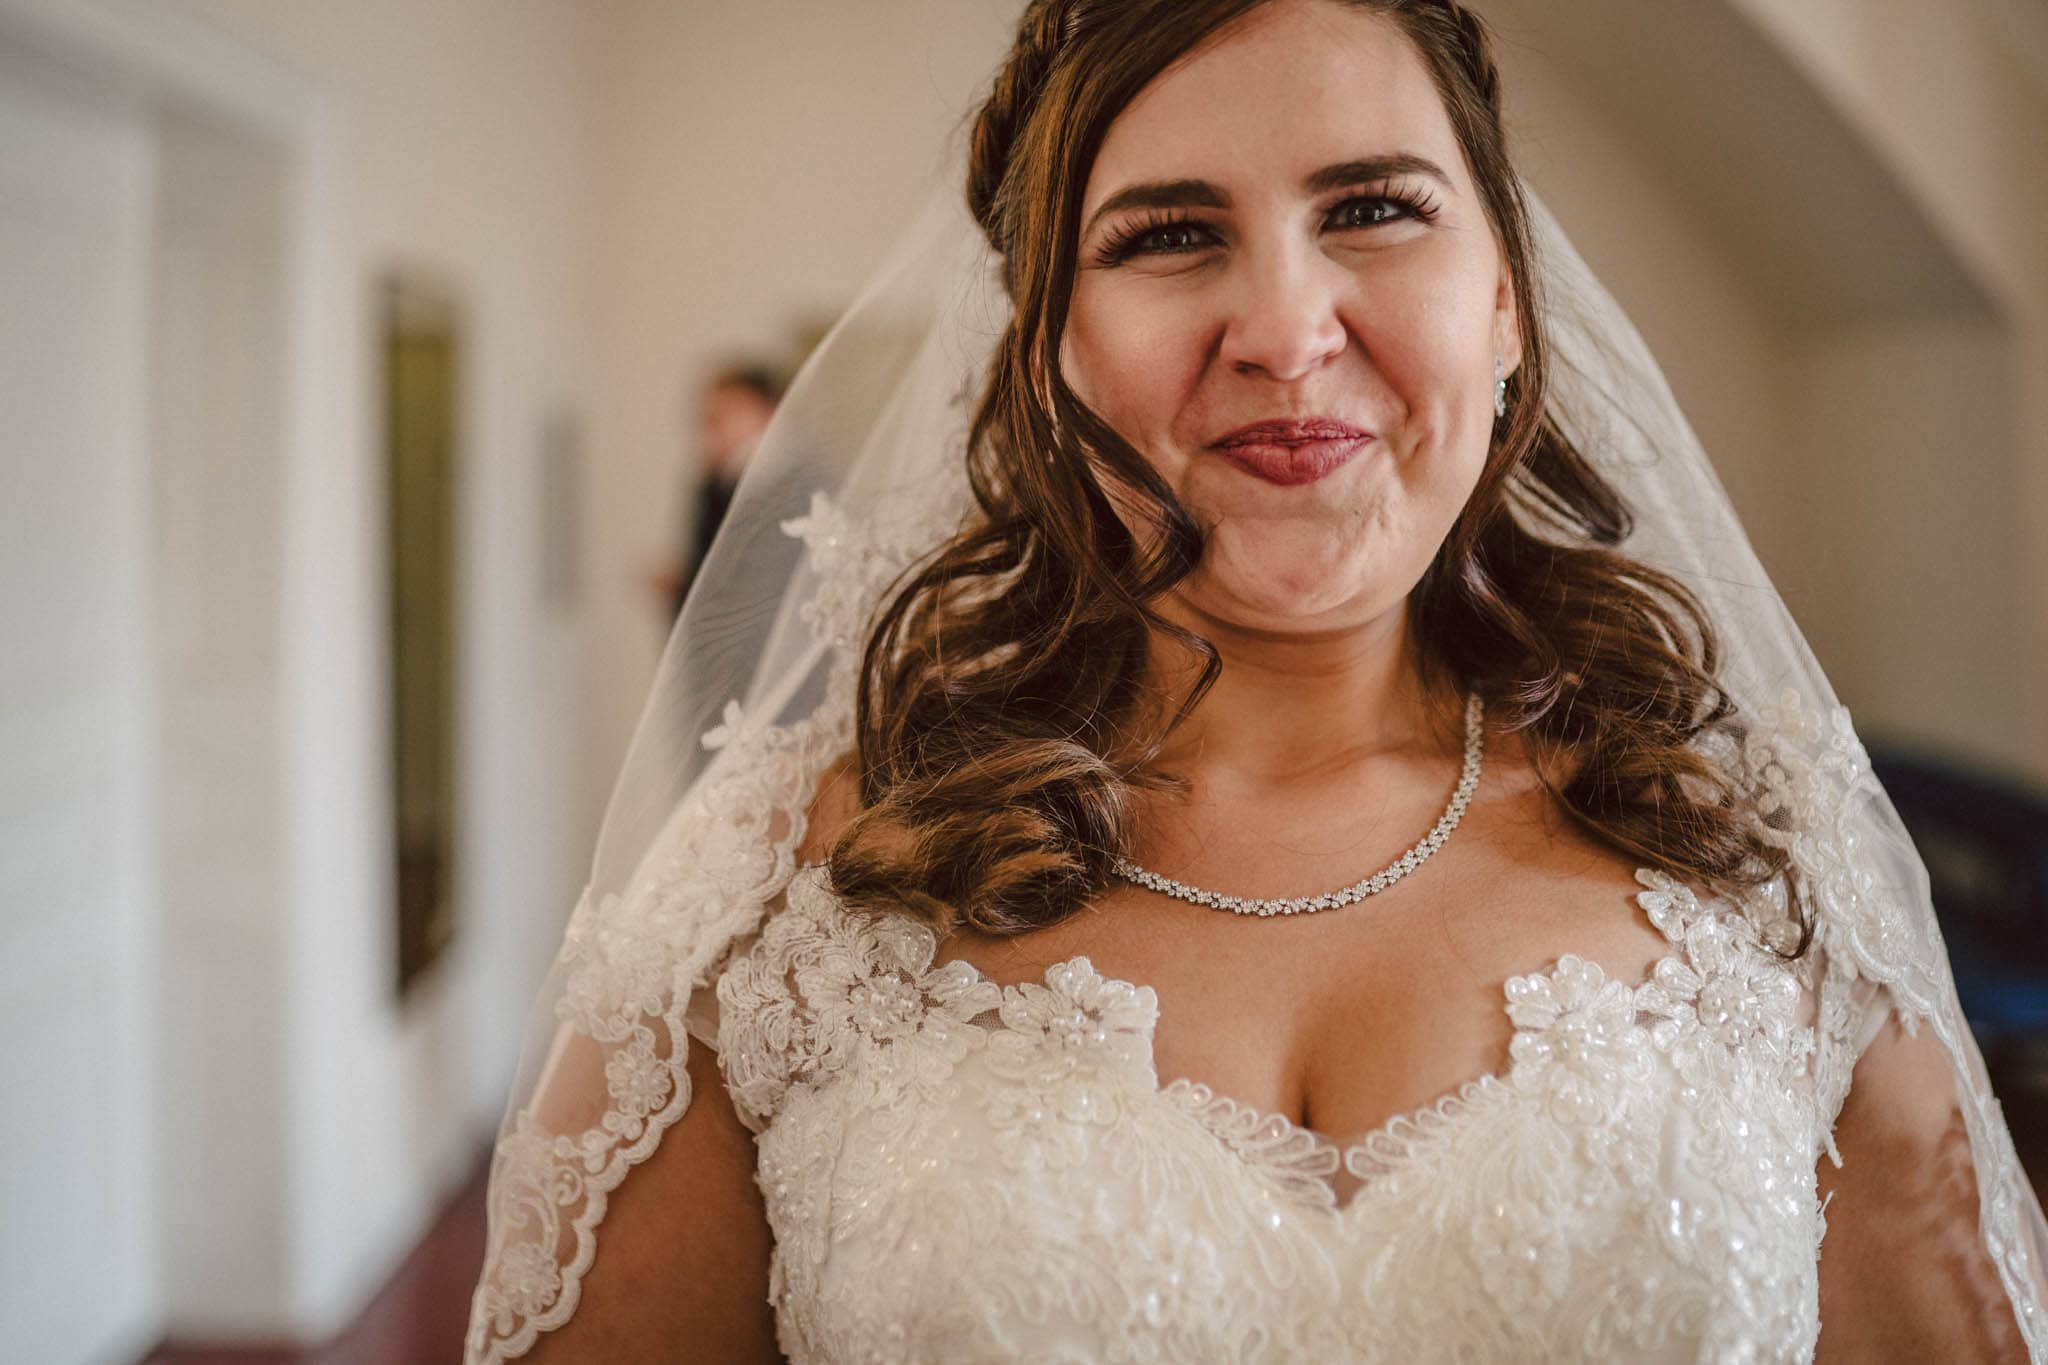 Hochzeitsfieber by Photo-Schomburg, Hochzeitsfotograf, Hamburg, Altona, wedding, Standesamt Altona, Appen, Hochzeitsshooting, Hochzeitstag, Brautpaar-38